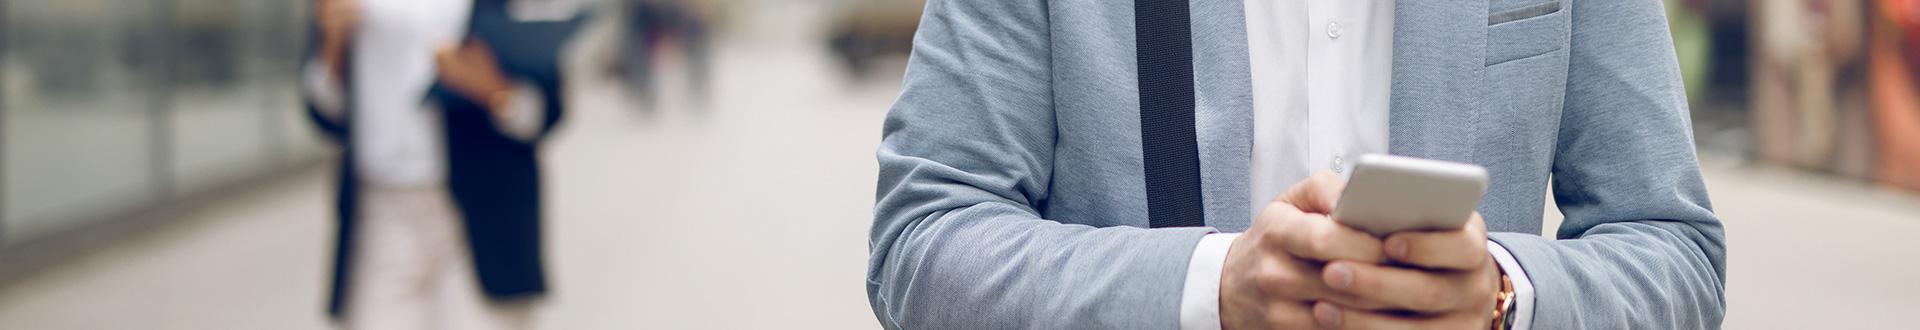 człowiek trzymający telefon